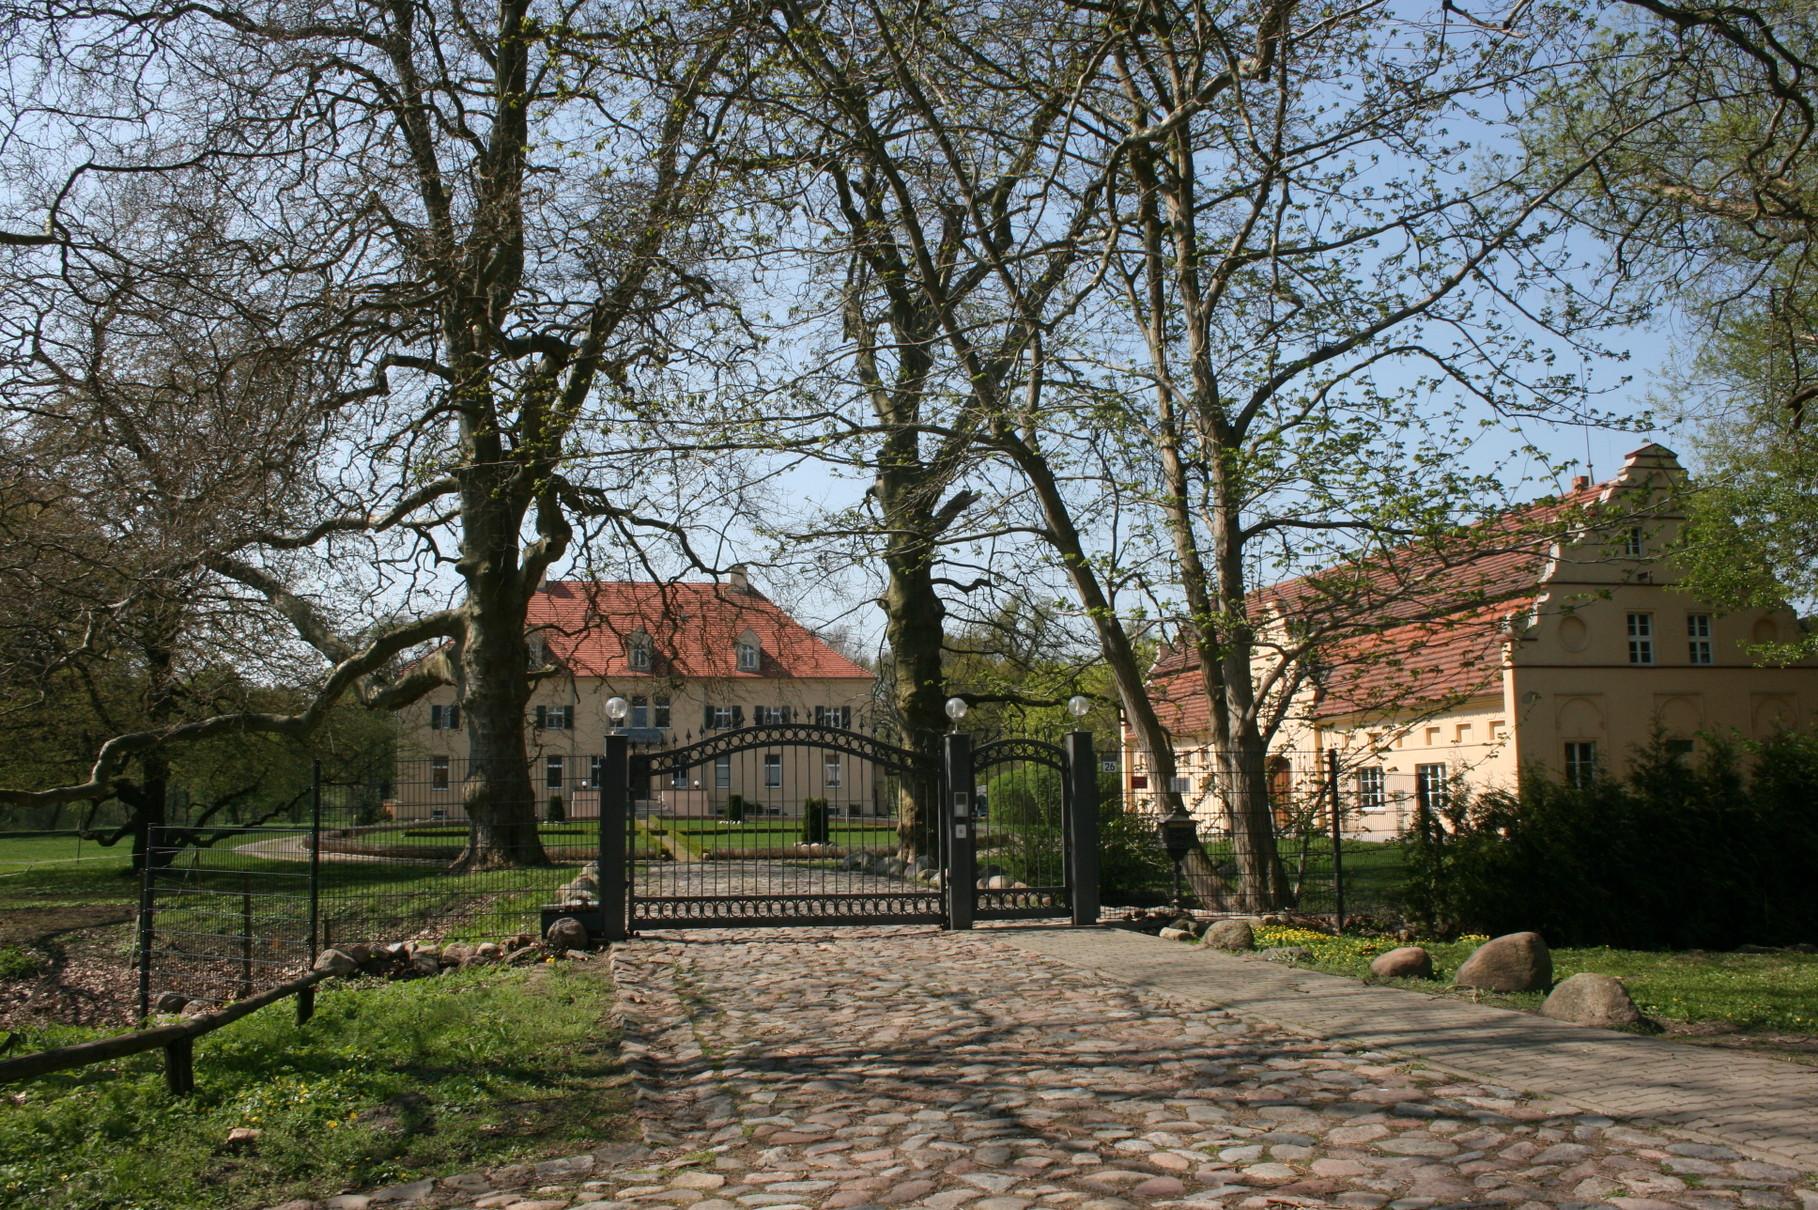 Blick auf das um 17030 erbaute Herrenhaus von Groß Gievitz.